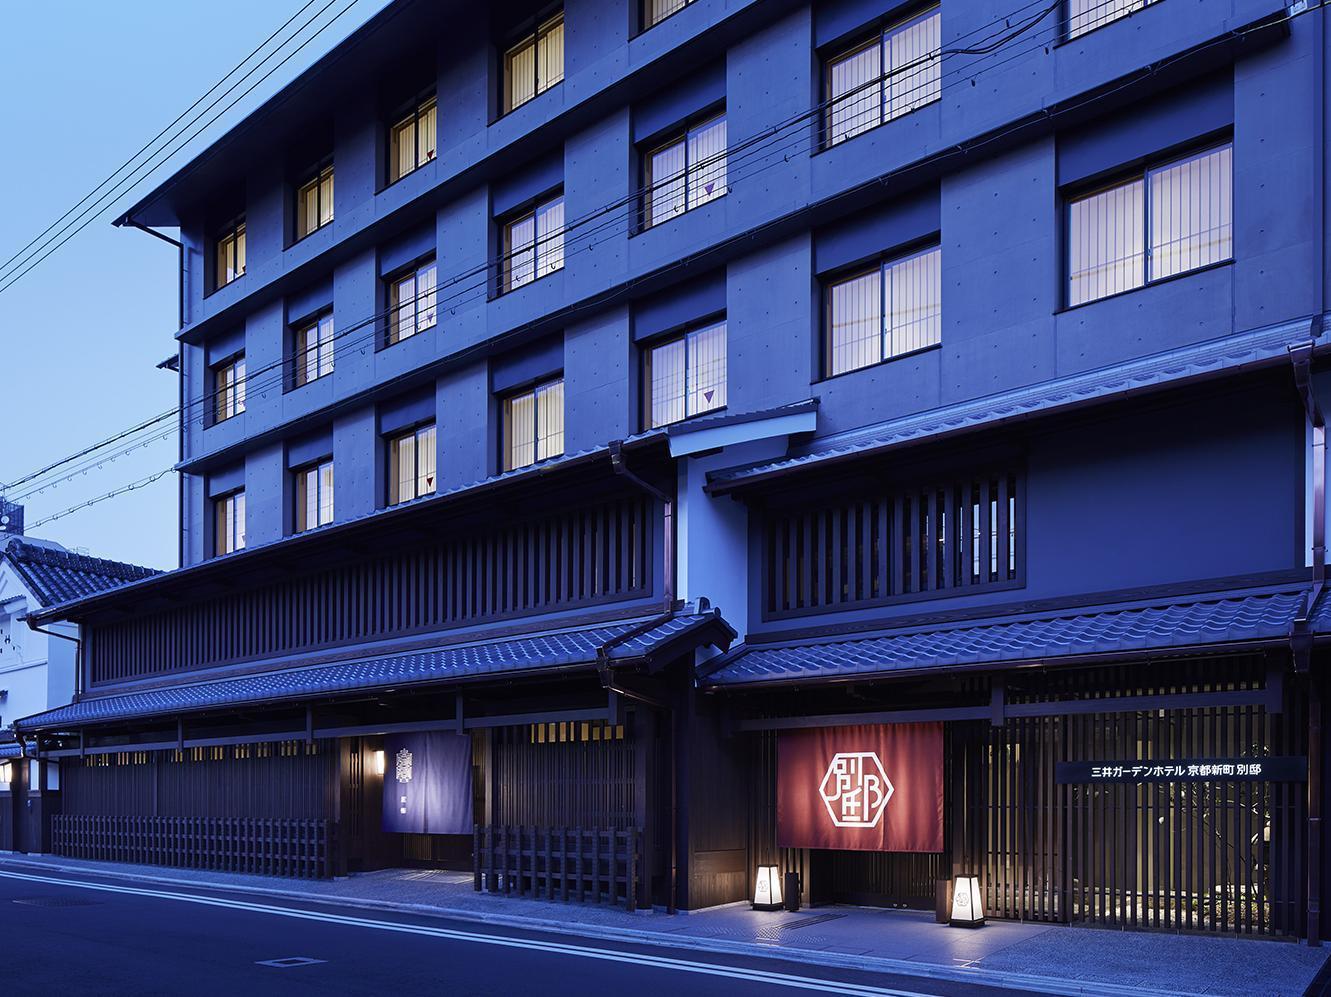 โรงแรมมิตซุย การ์เด้น เกียวโต ชินมาชิ เบตเตอิ